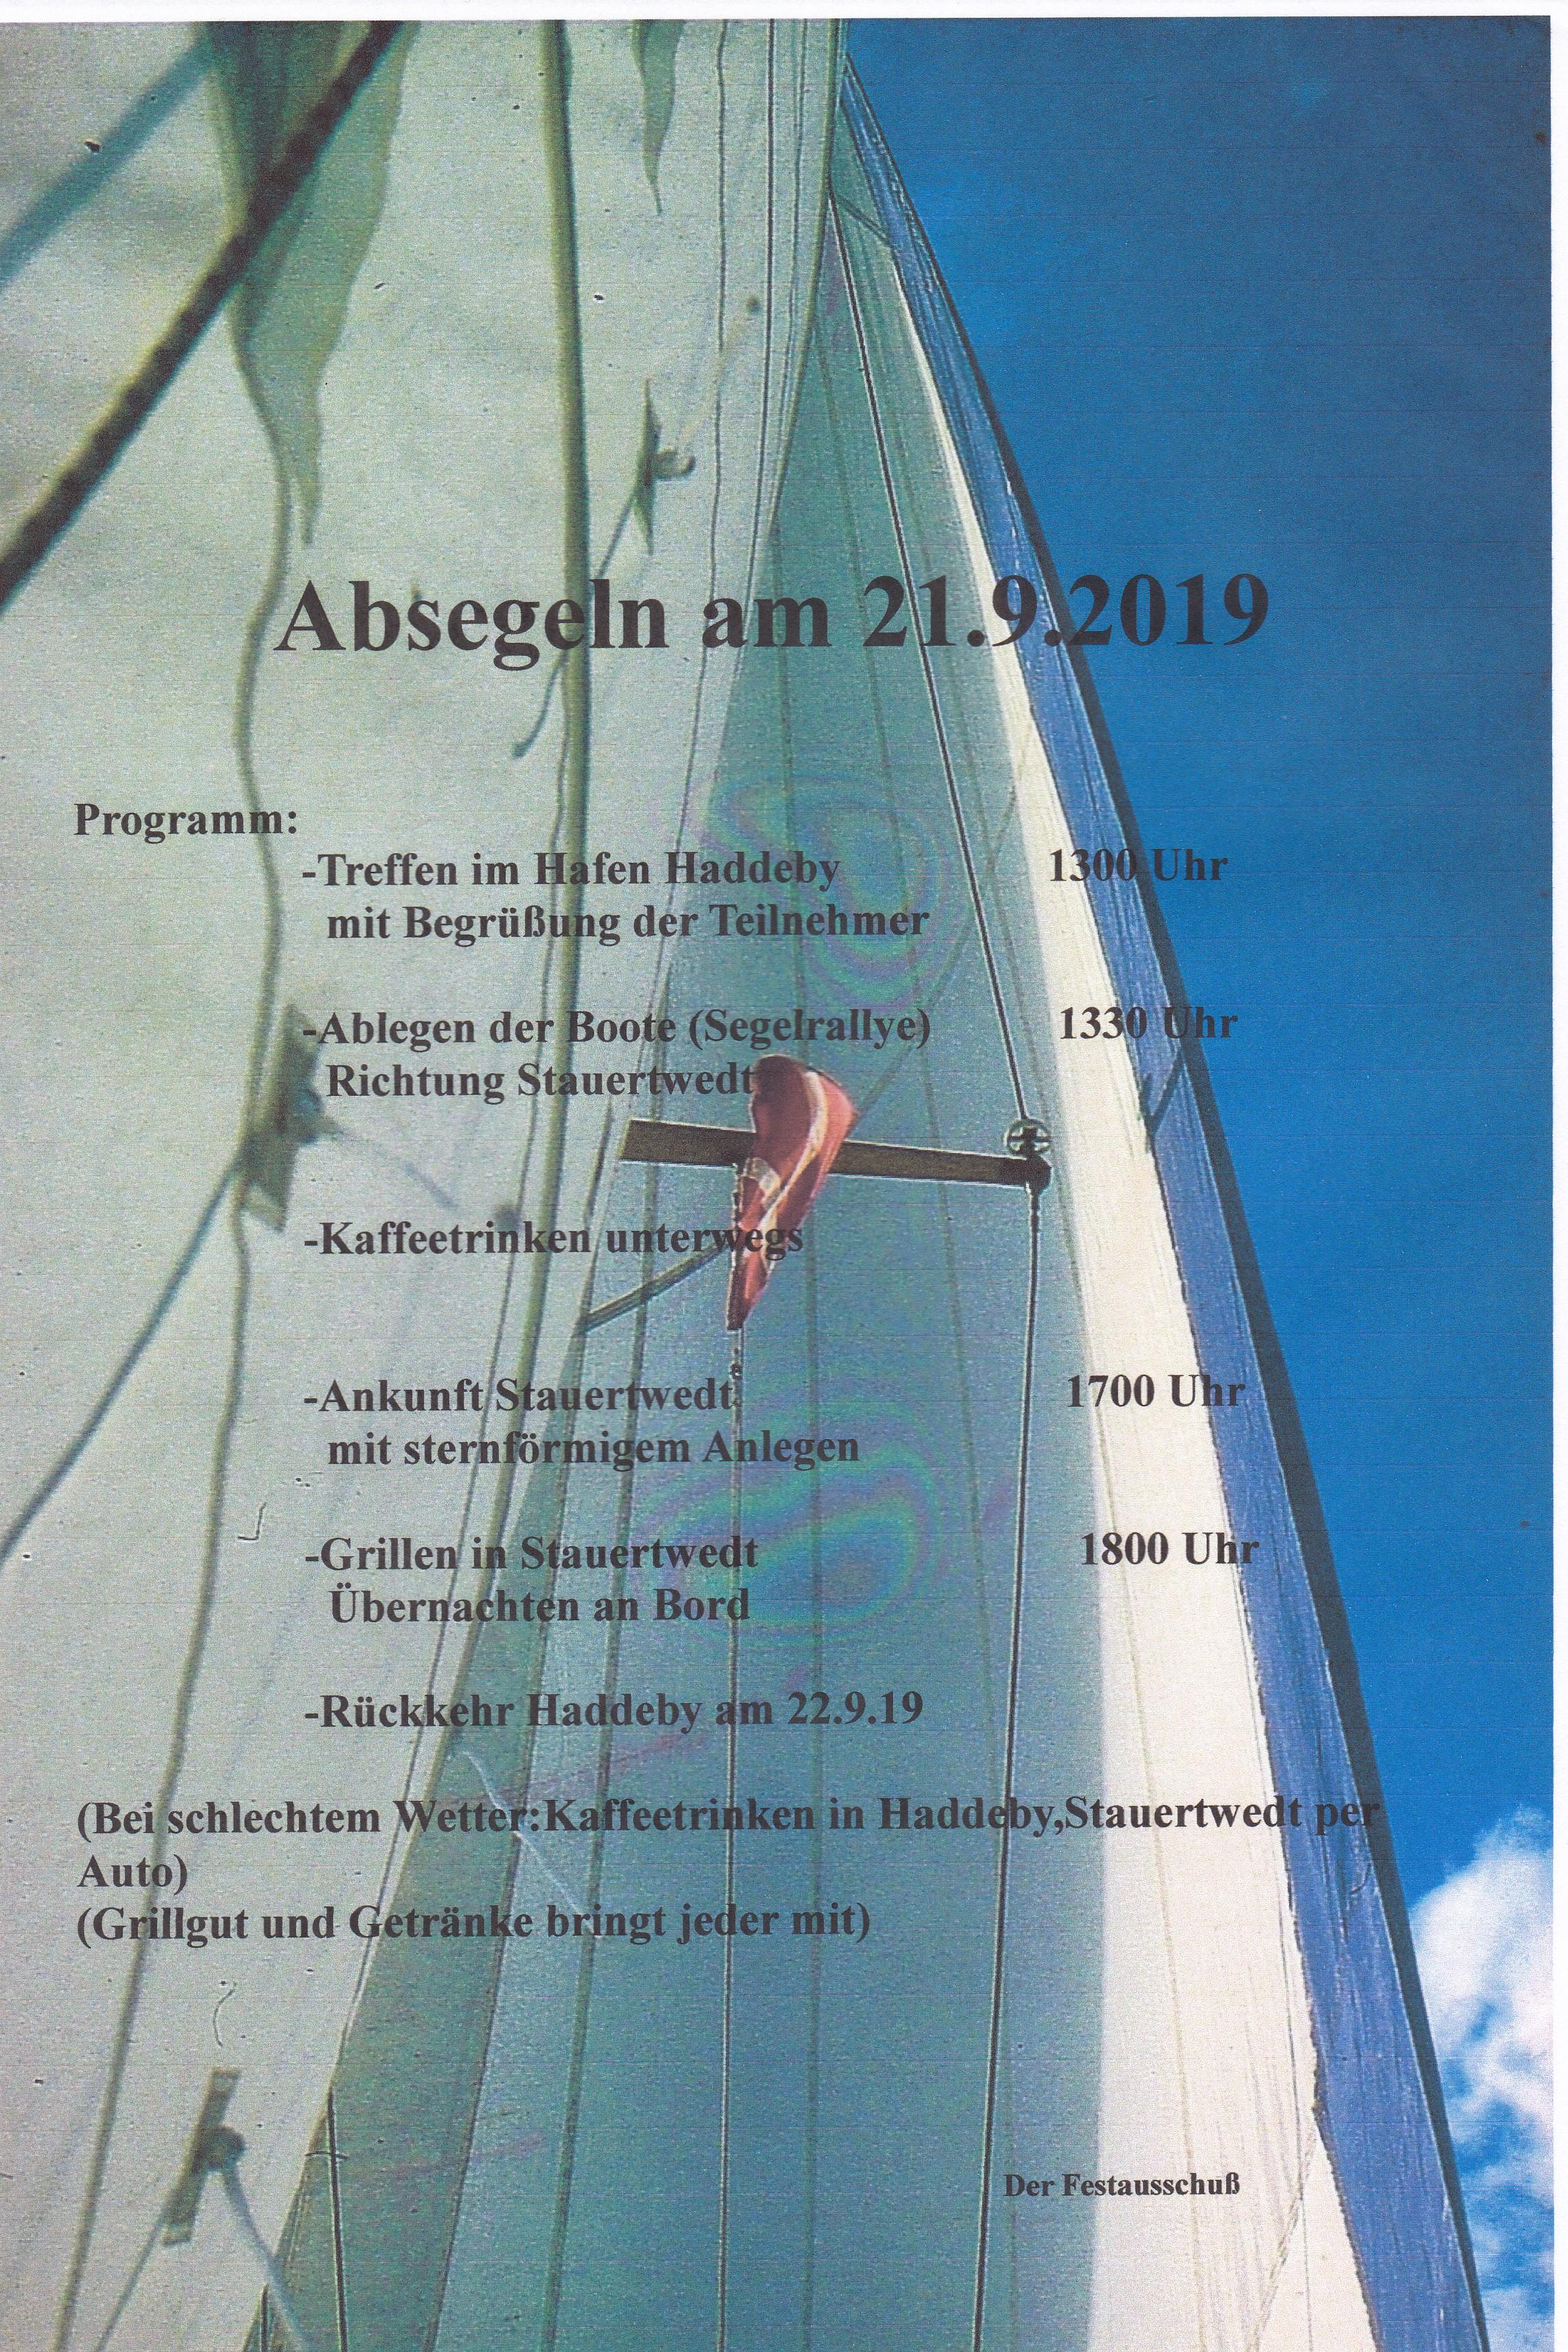 Einladung zum Absegeln 2019